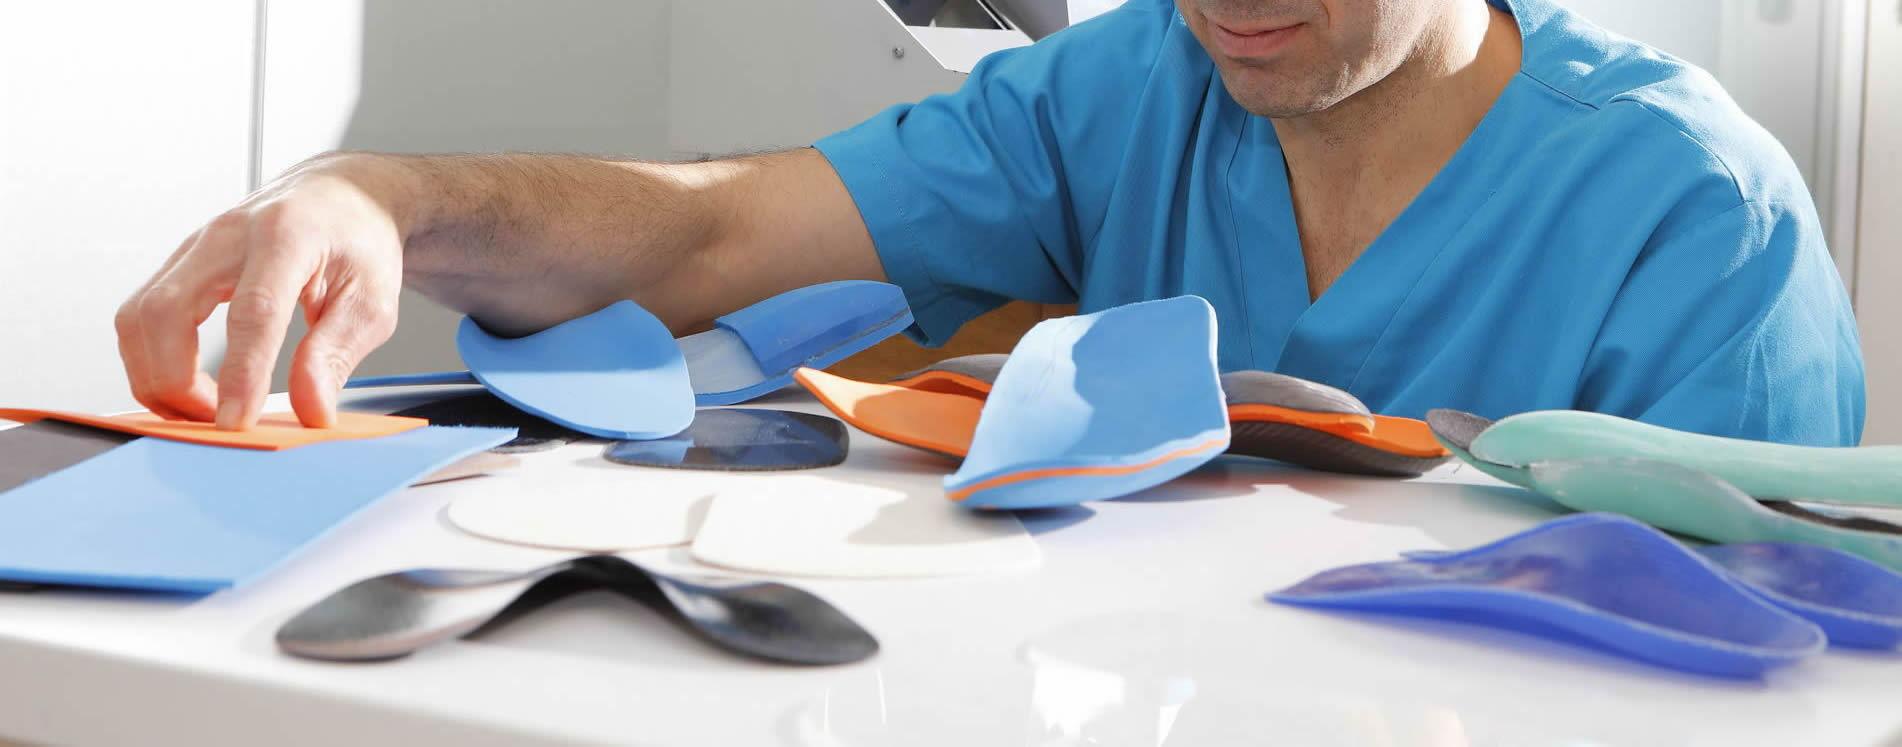 Fabricante de plantillas ortopédicas a medida en Donostia - San Sebastián